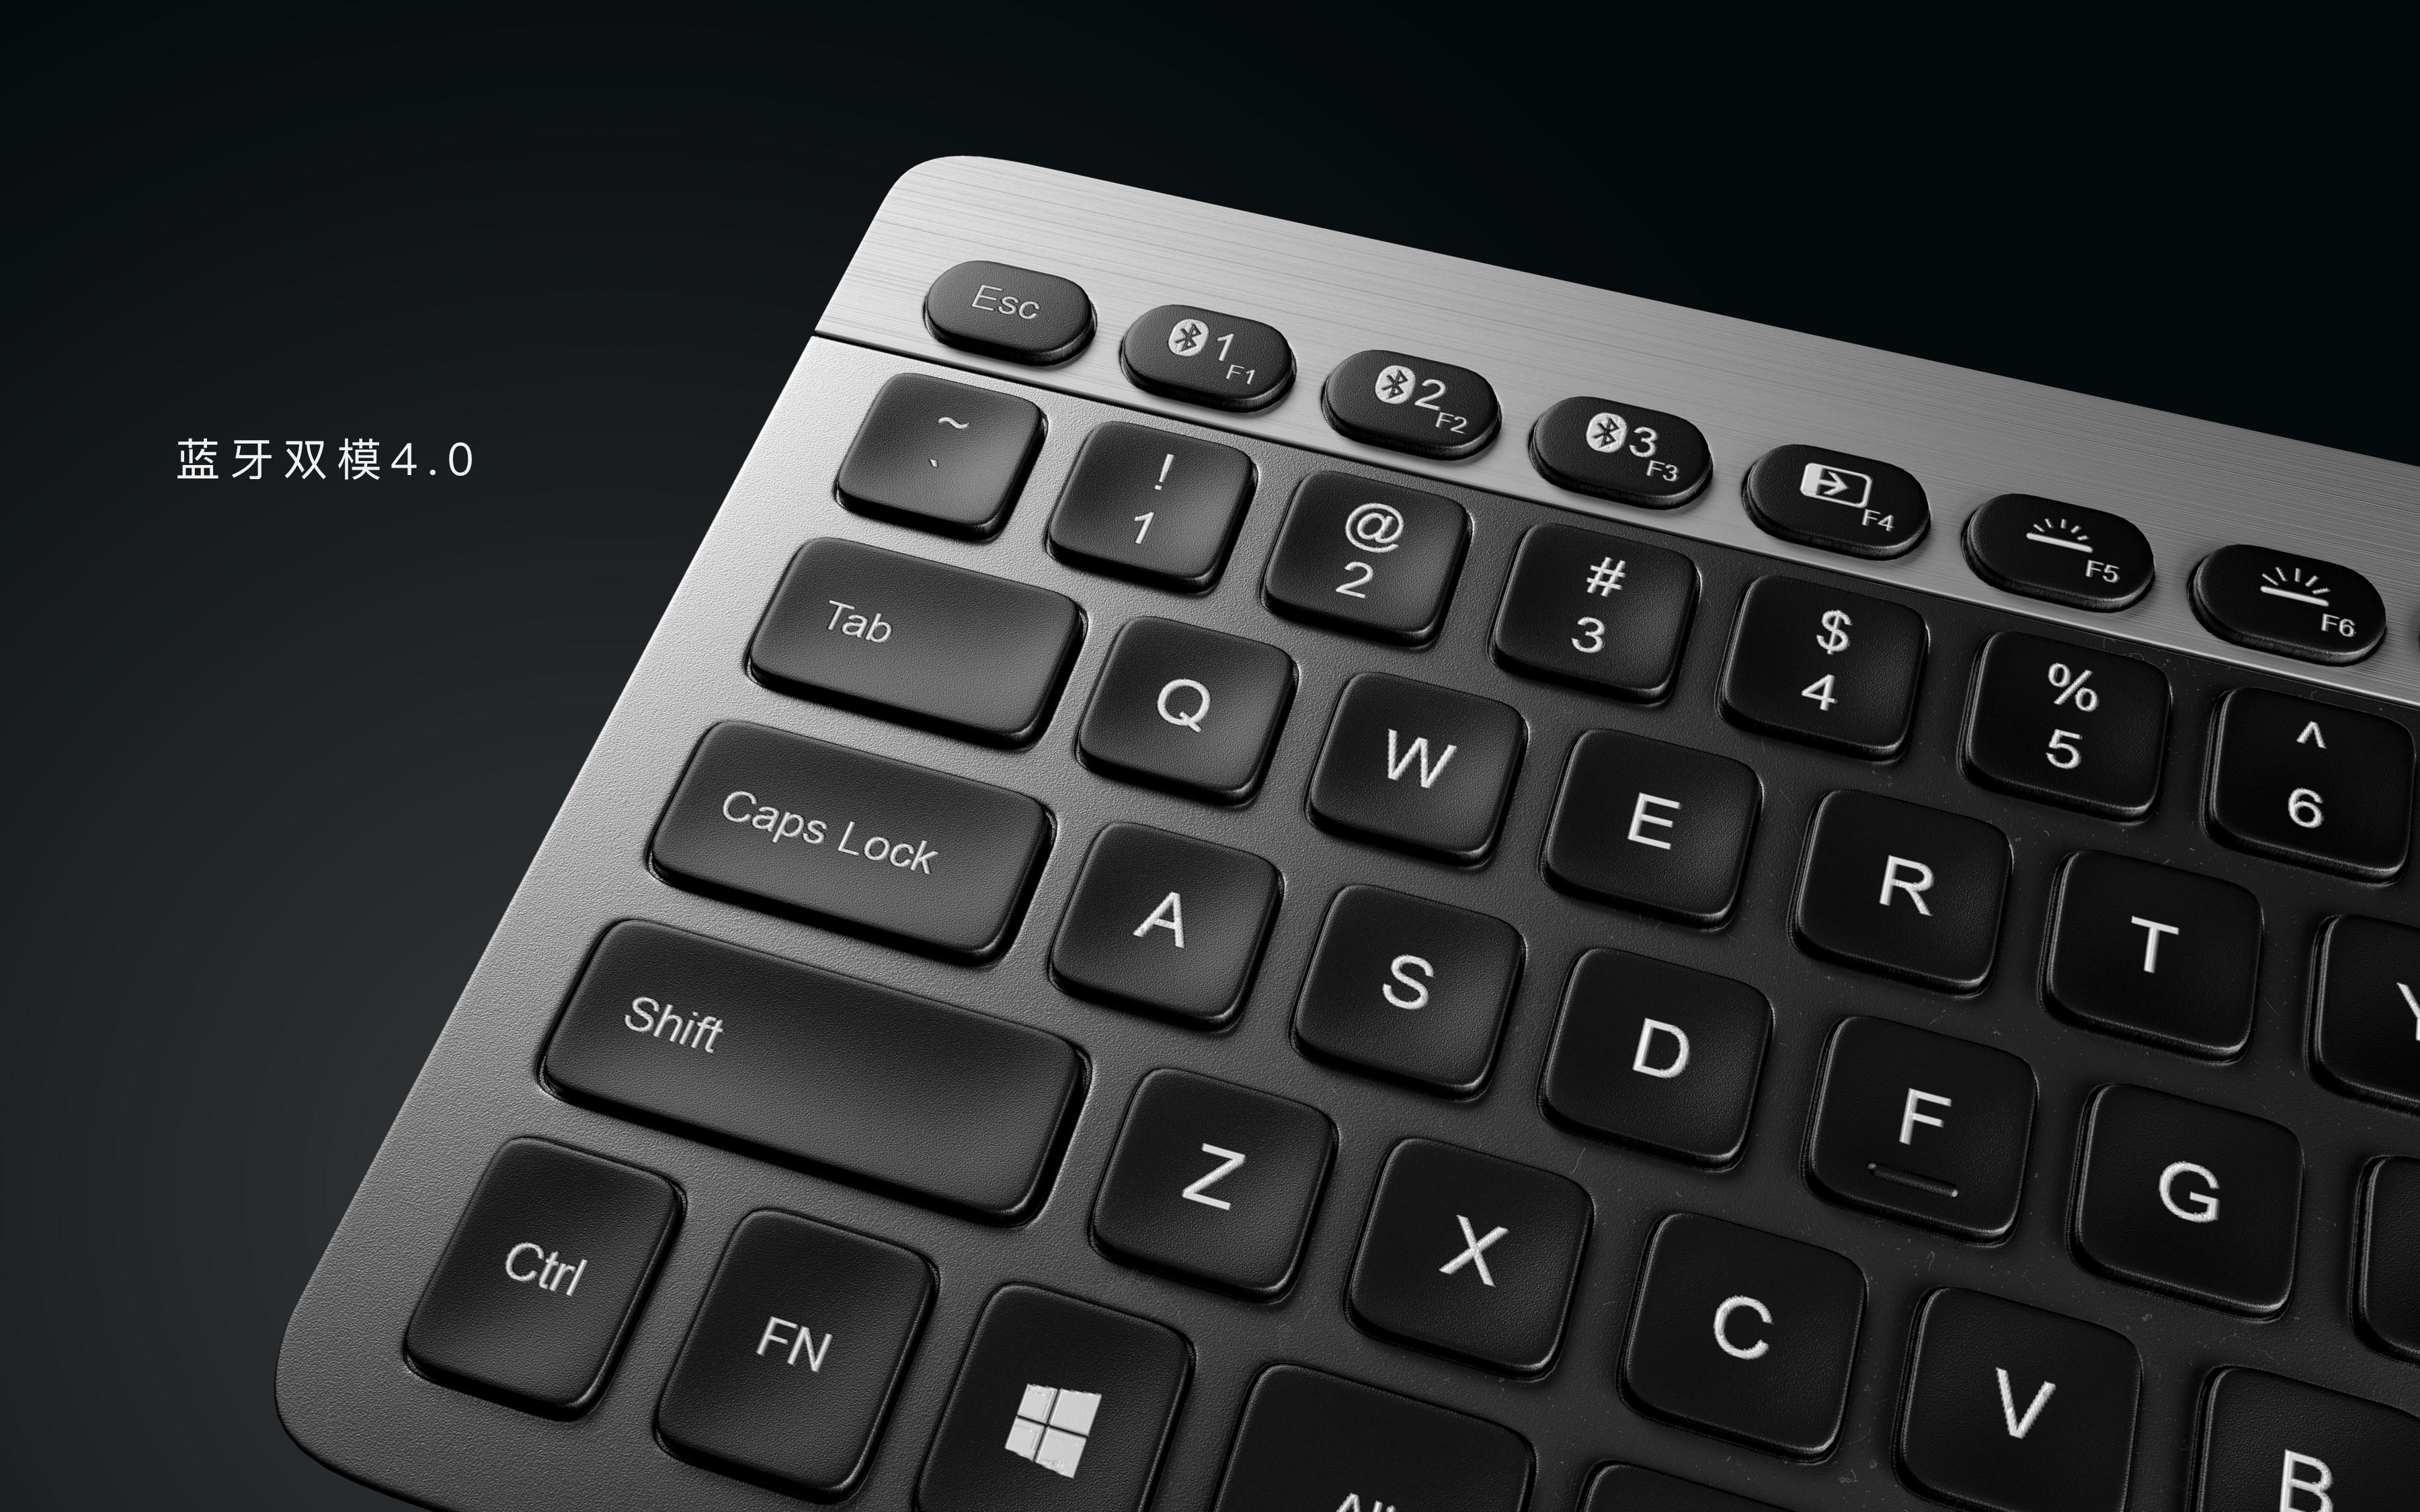 一组键盘渲染